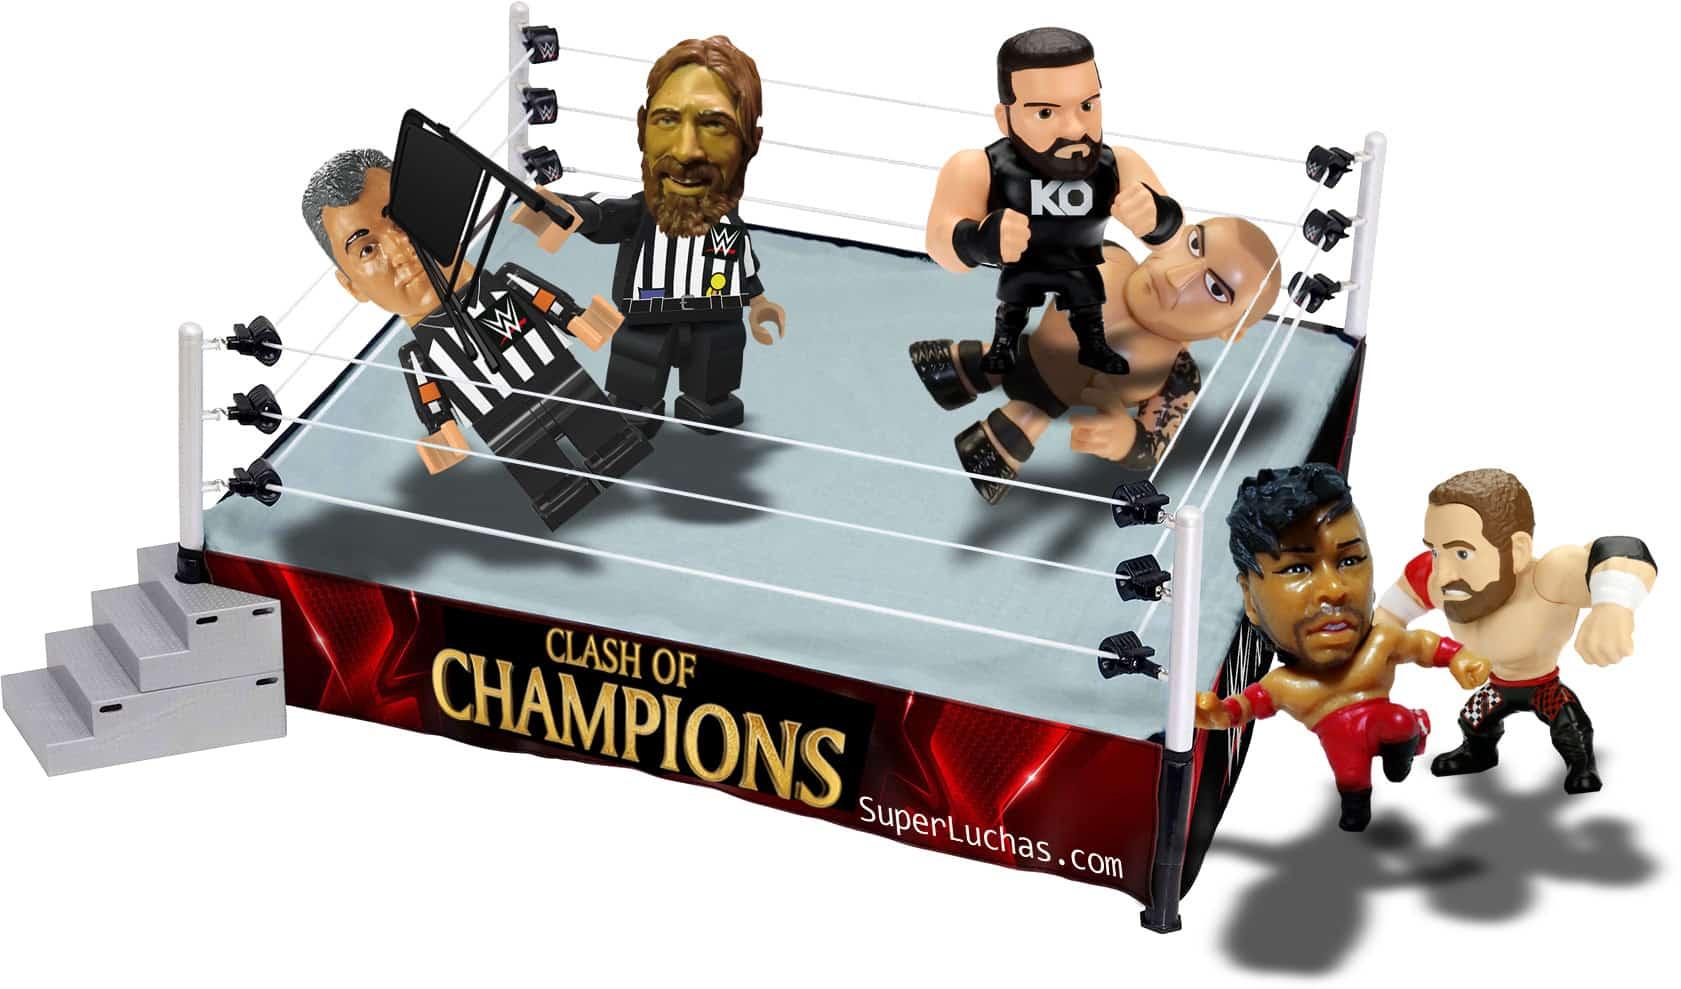 Tres posibles escenarios para la lucha estelar de Clash of Champions 2